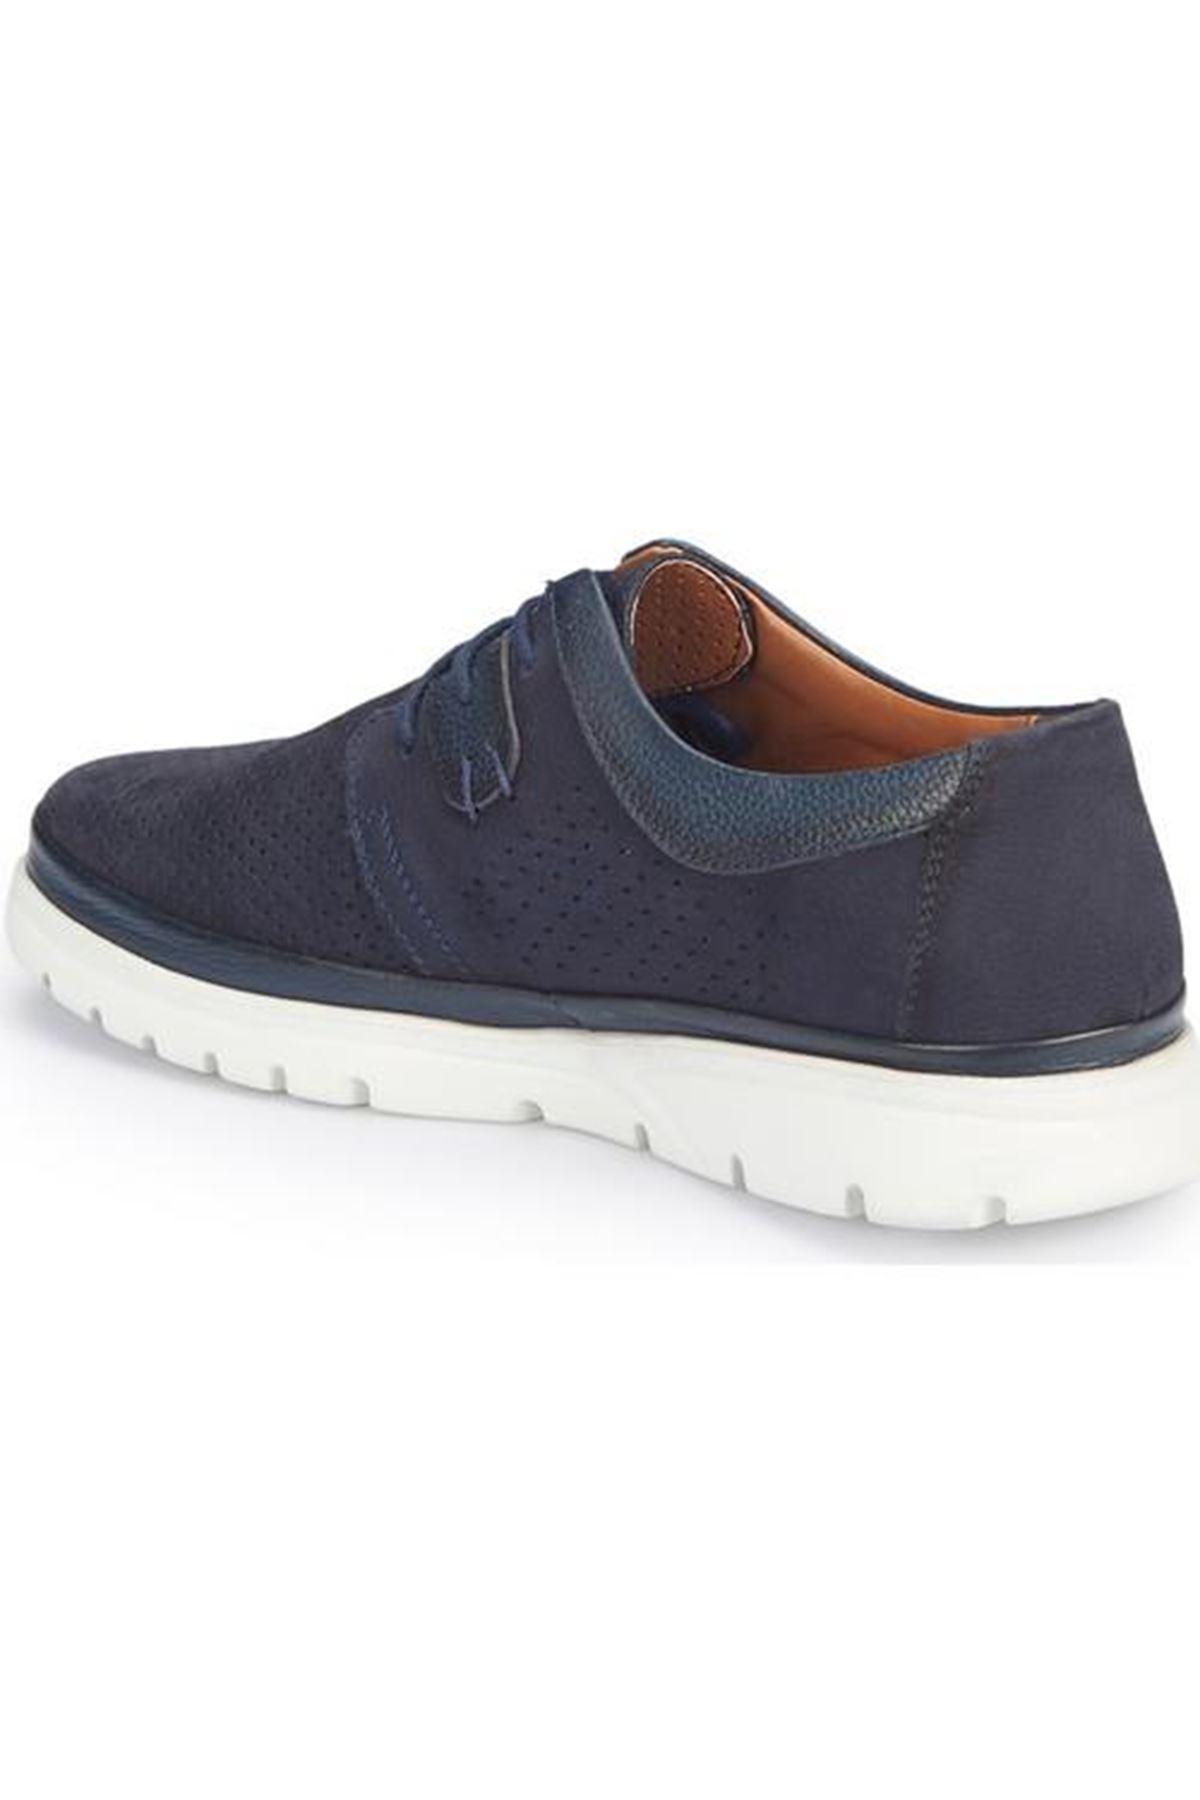 Mercedes Marko Casual Erkek Günlük Ayakkabı